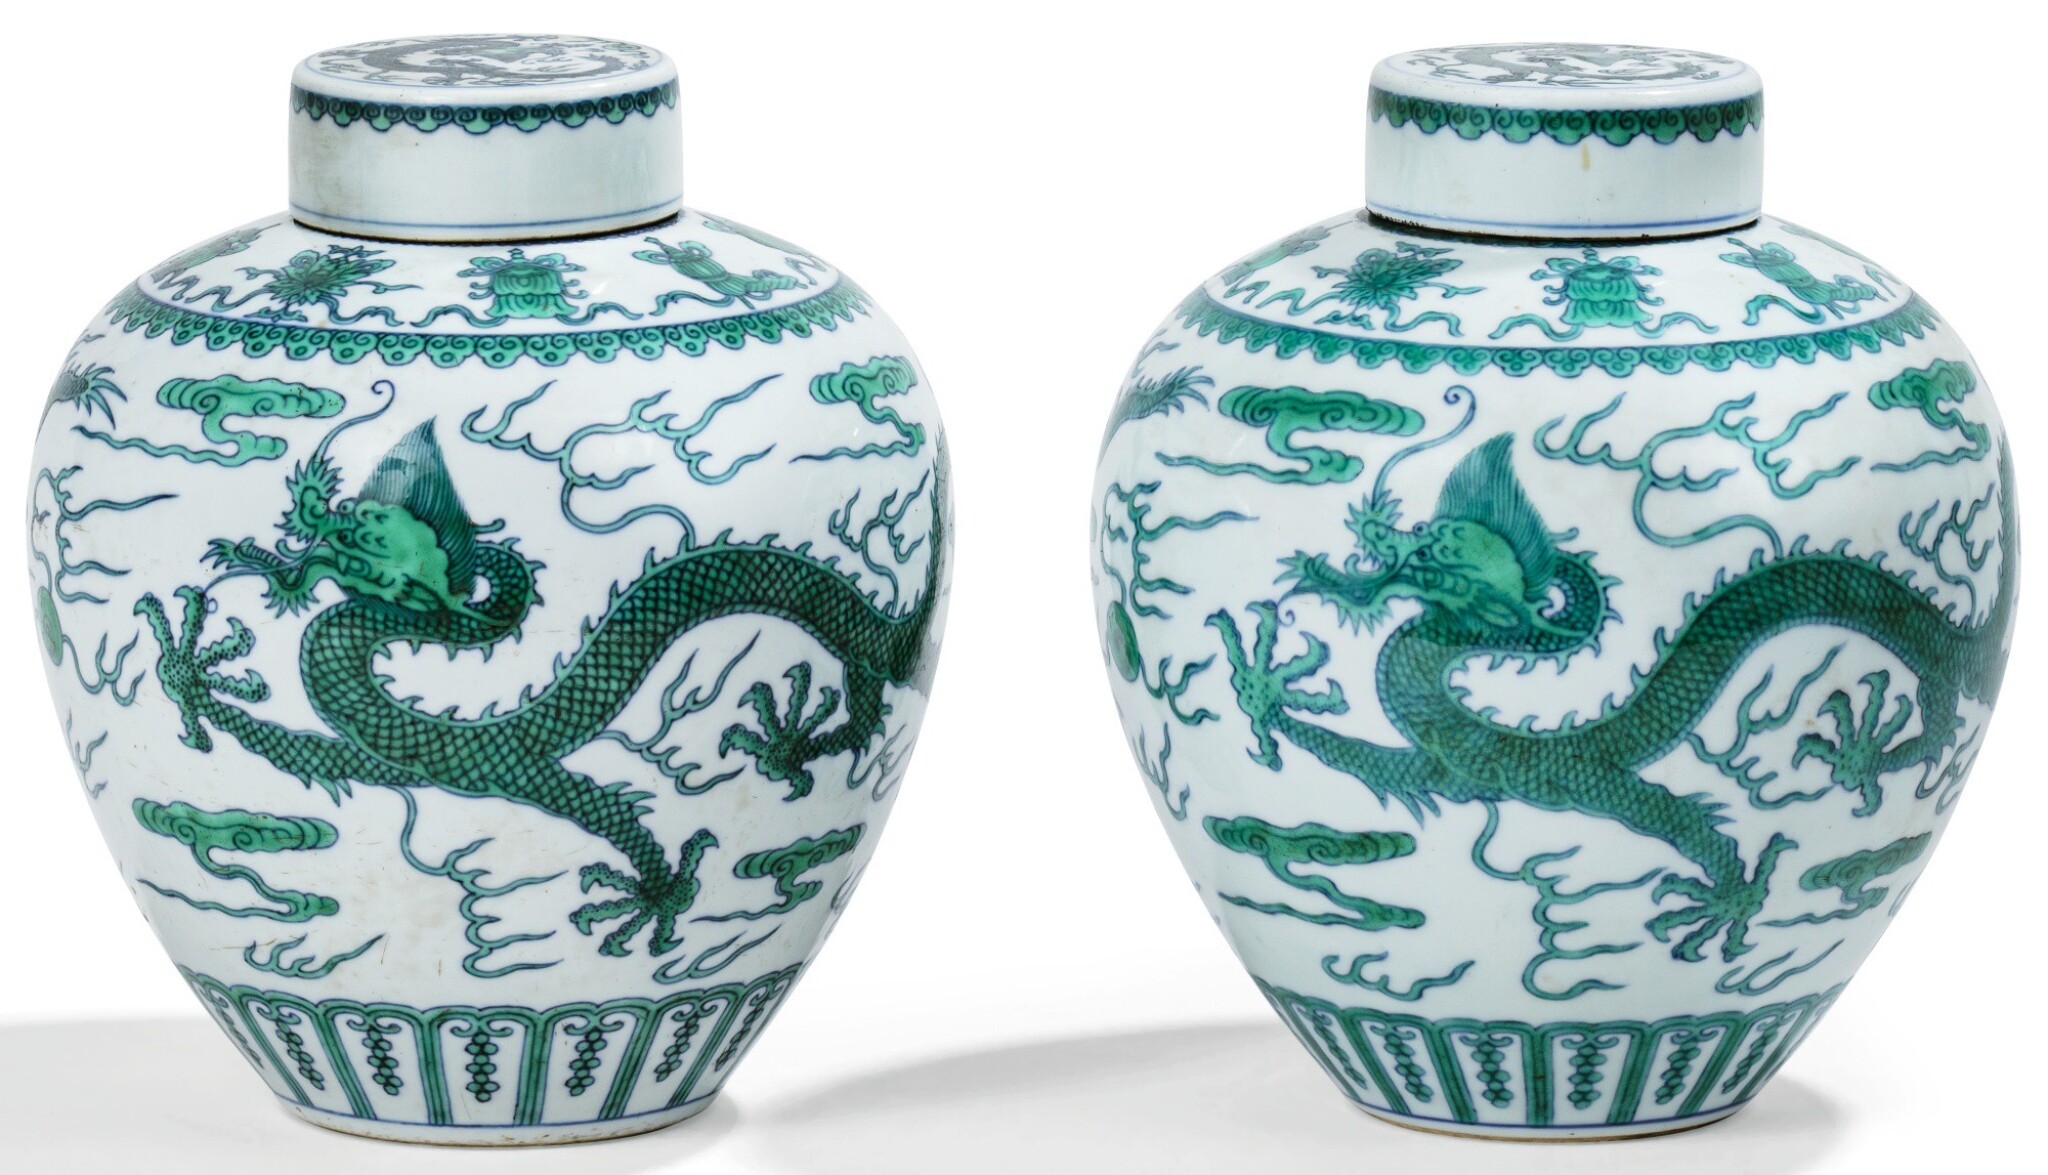 View full screen - View 1 of Lot 13. DEUX JARRES COUVERTES EN PORCELAINE BLEU BLANC ÉMAILLÉE VERT MARQUES ET ÉPOQUE QIANLONG   清乾隆 青花綠釉龍紋蓋罐兩件 《大清乾隆年製》款   Two green-enamelled 'dragon' jars and covers, Qianlong seal marks and period .